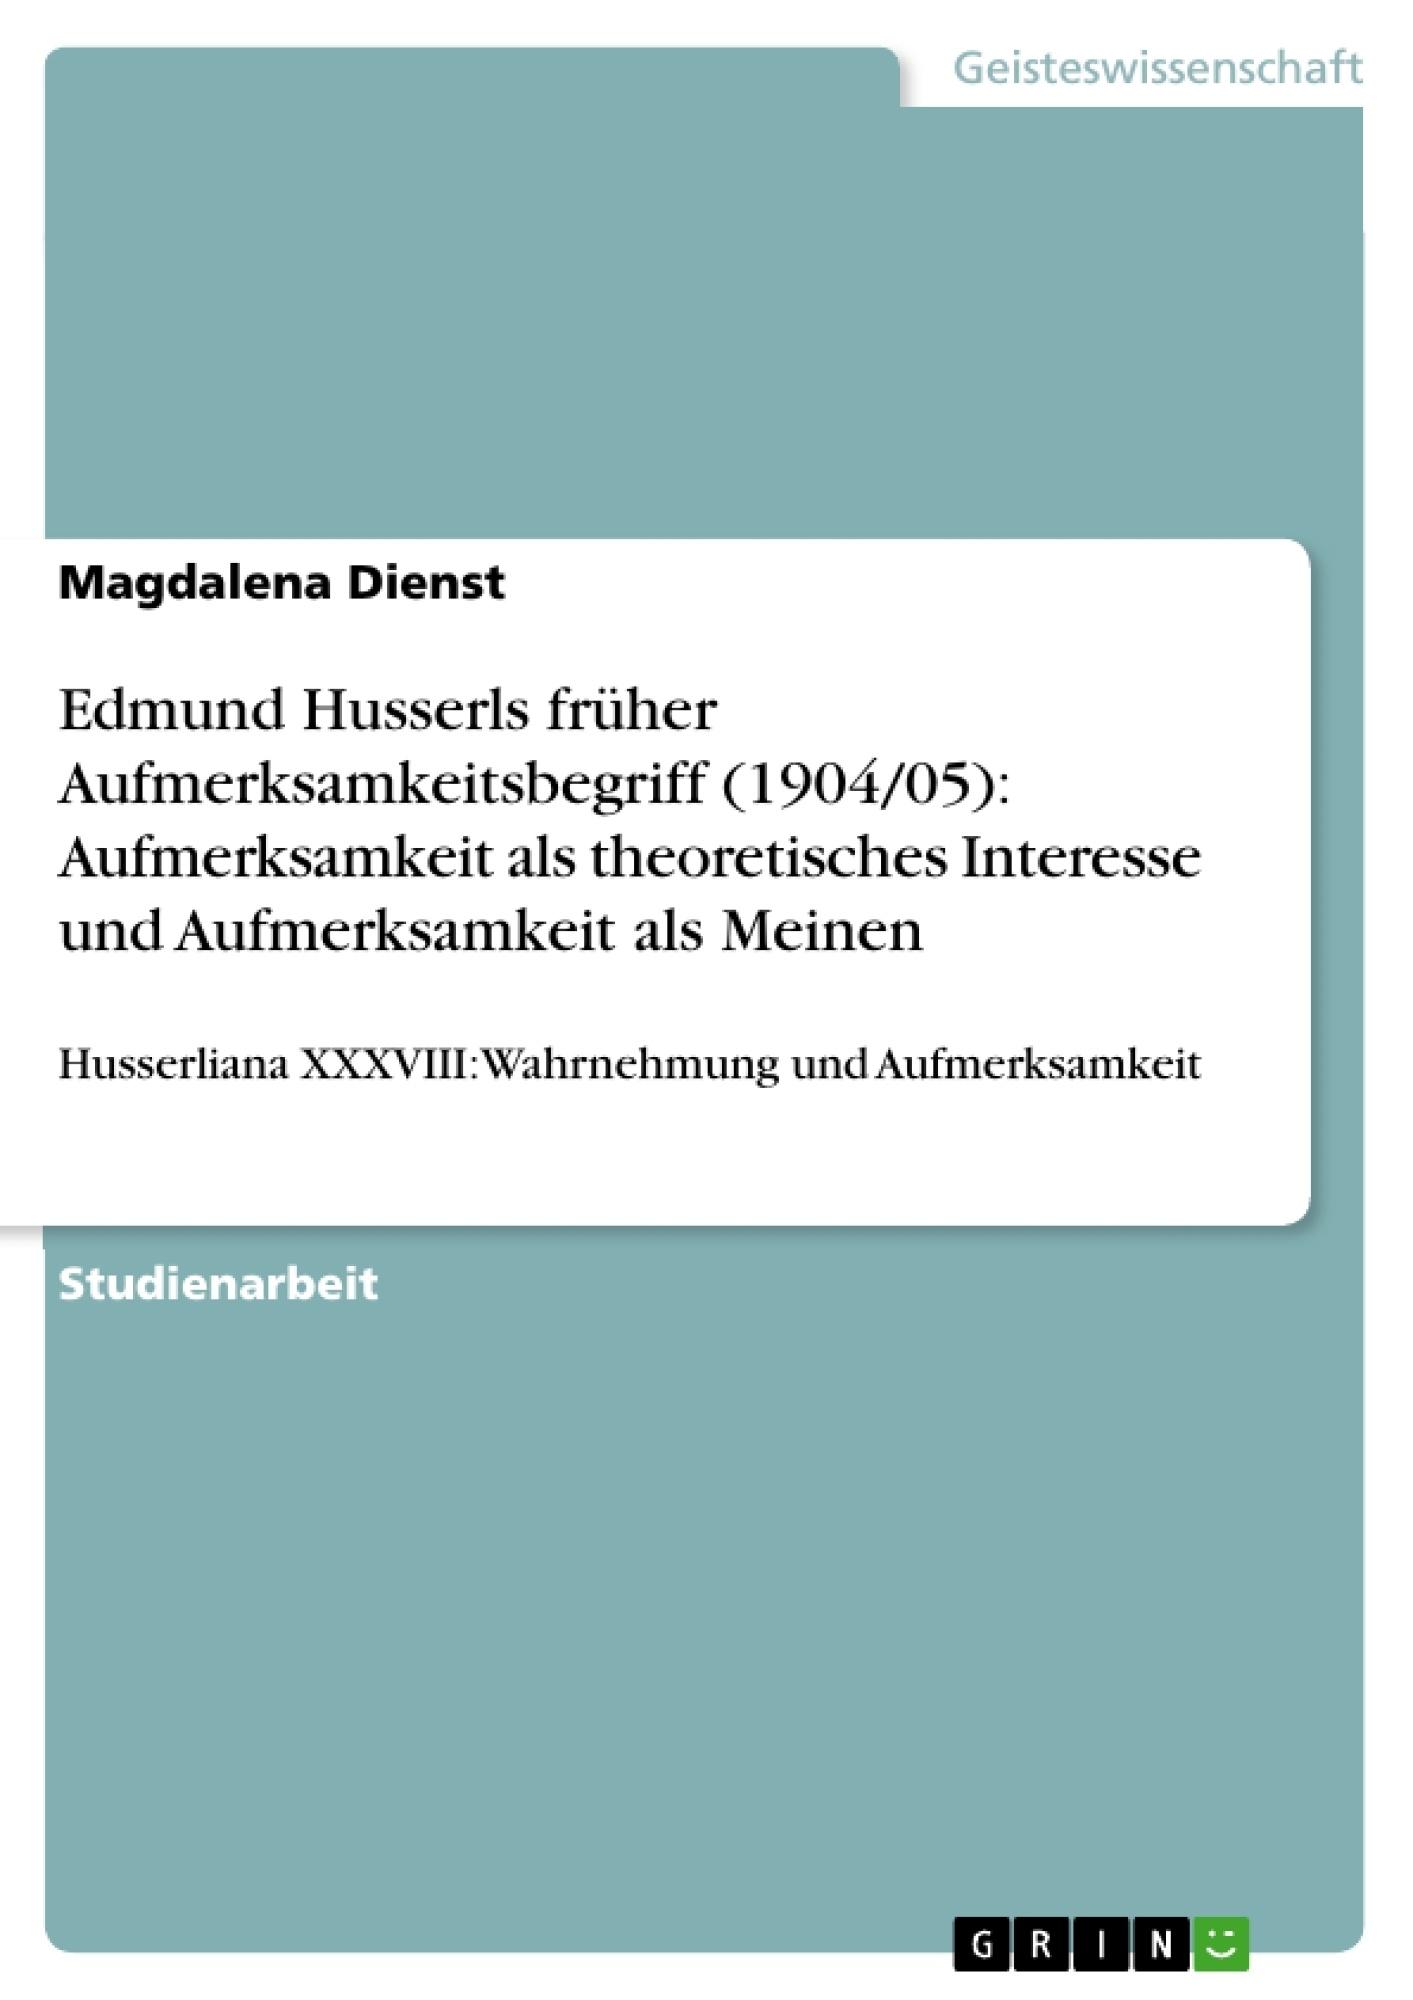 Titel: Edmund Husserls früher Aufmerksamkeitsbegriff (1904/05): Aufmerksamkeit als theoretisches Interesse und Aufmerksamkeit als Meinen